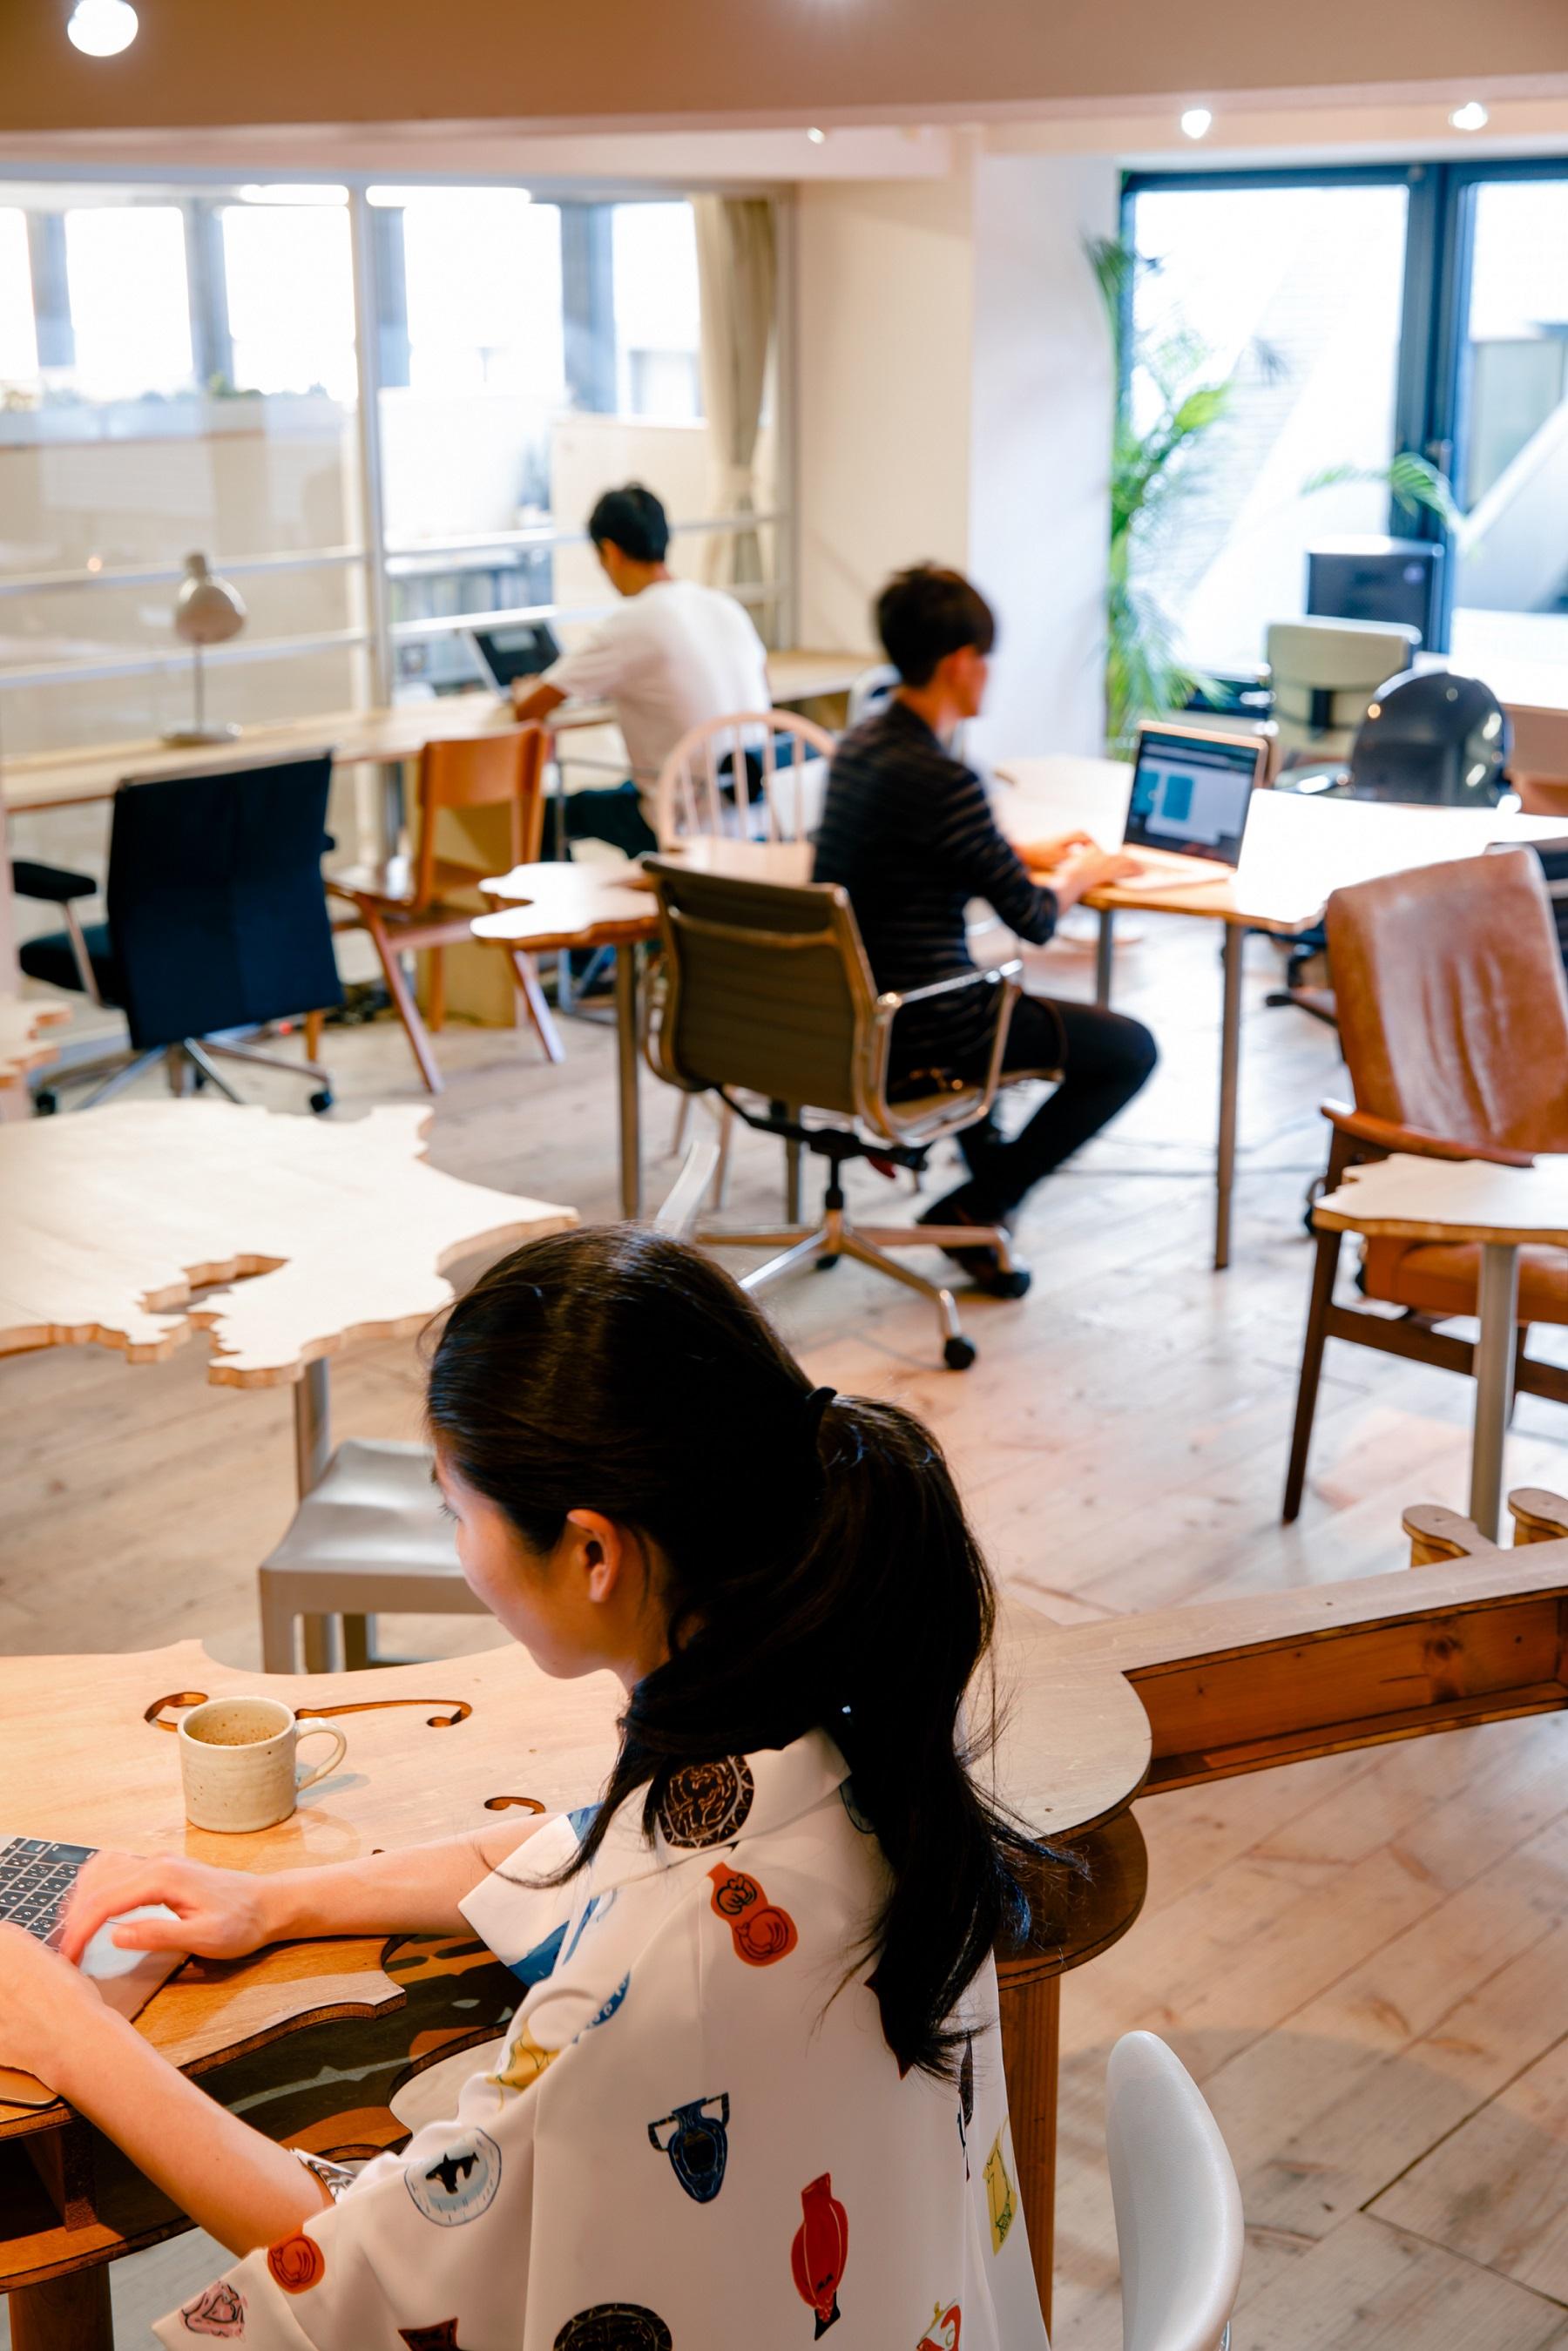 HAPON shinjuku, Tokyo